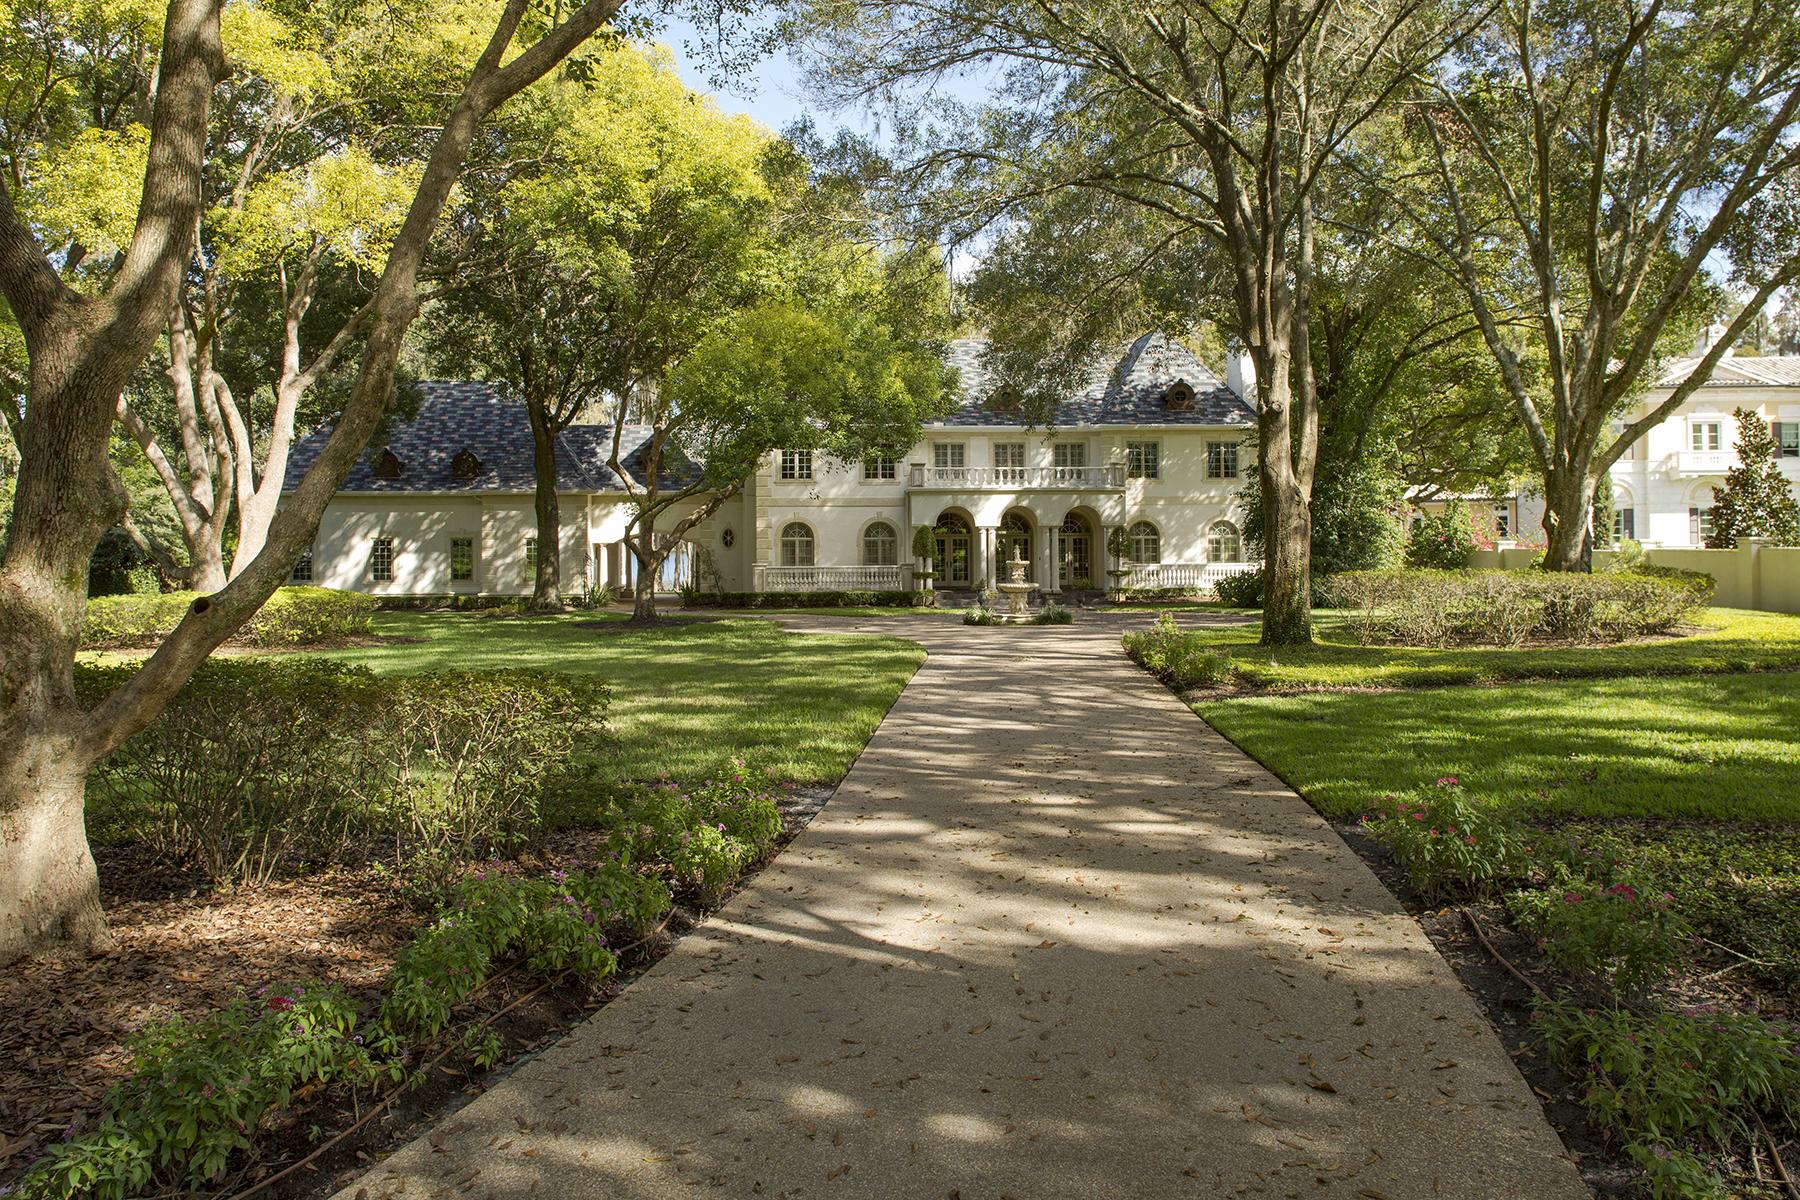 Maison unifamiliale pour l Vente à LUTZ 19105 Merry Ln Lutz, Florida, 33548 États-Unis